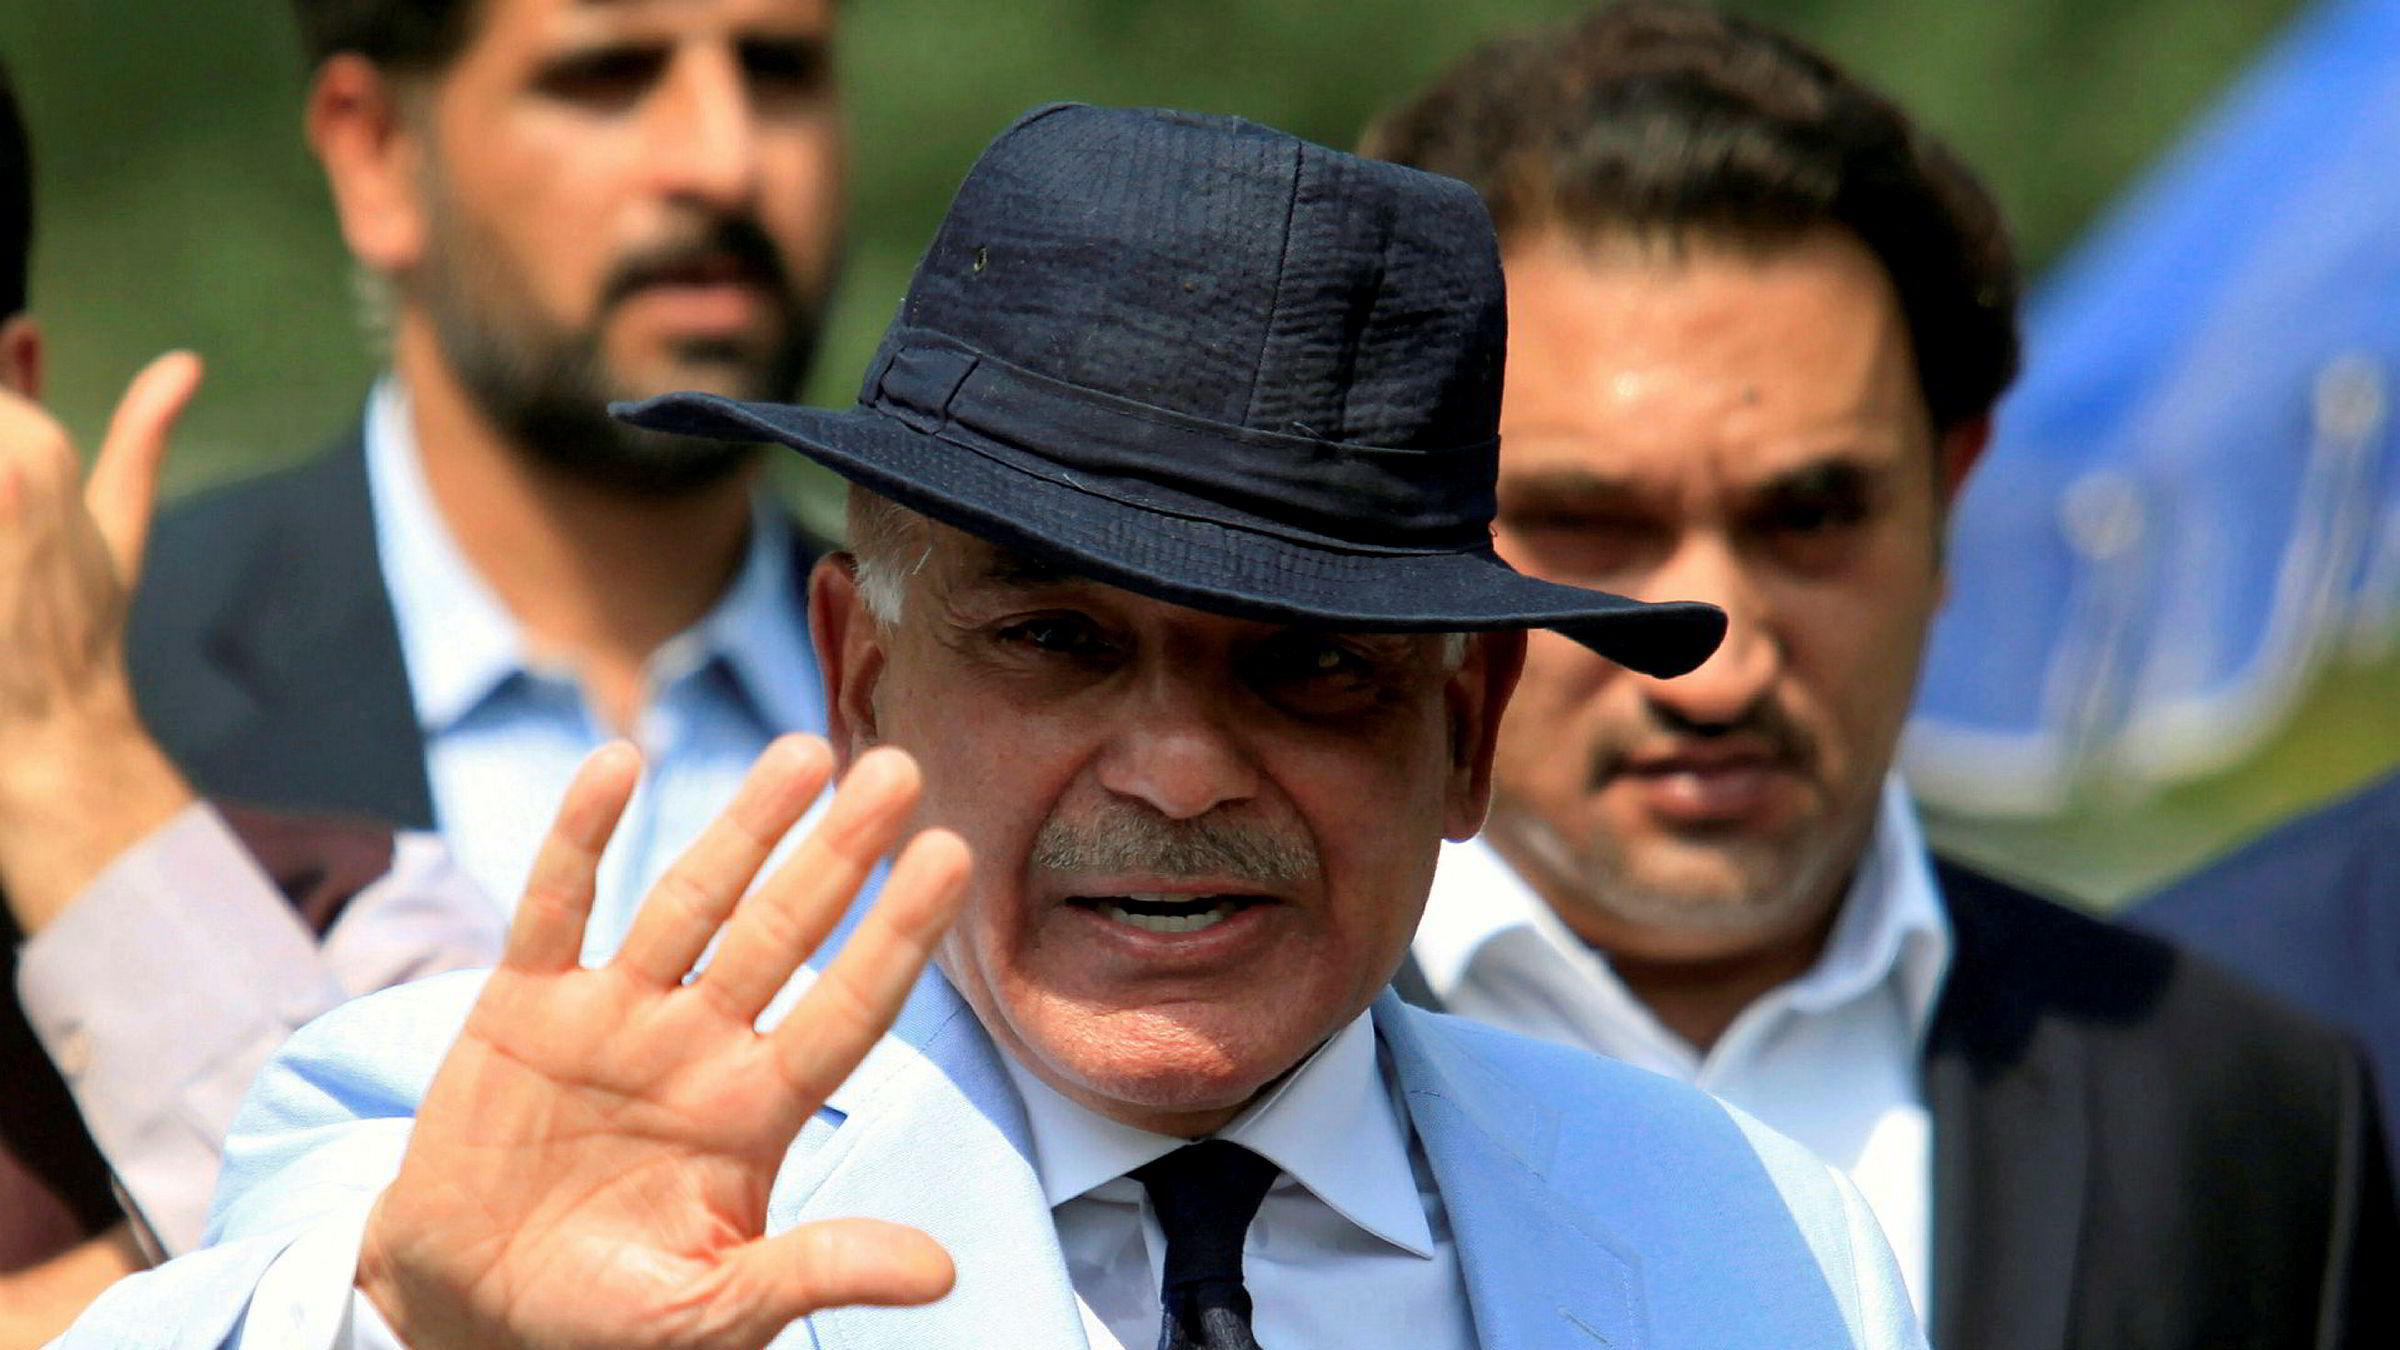 Nawaz Sharif ble avsatt som Pakistans statsminister i forrige uke. Han ønsker at hans bror, Shahbaz Sharif (bildet), blir utpekt til landets neste statsminister på tirsdag. – Dette er ikke demokrati, men en form for monarki, sier opposisjonsleder Imran Khan.